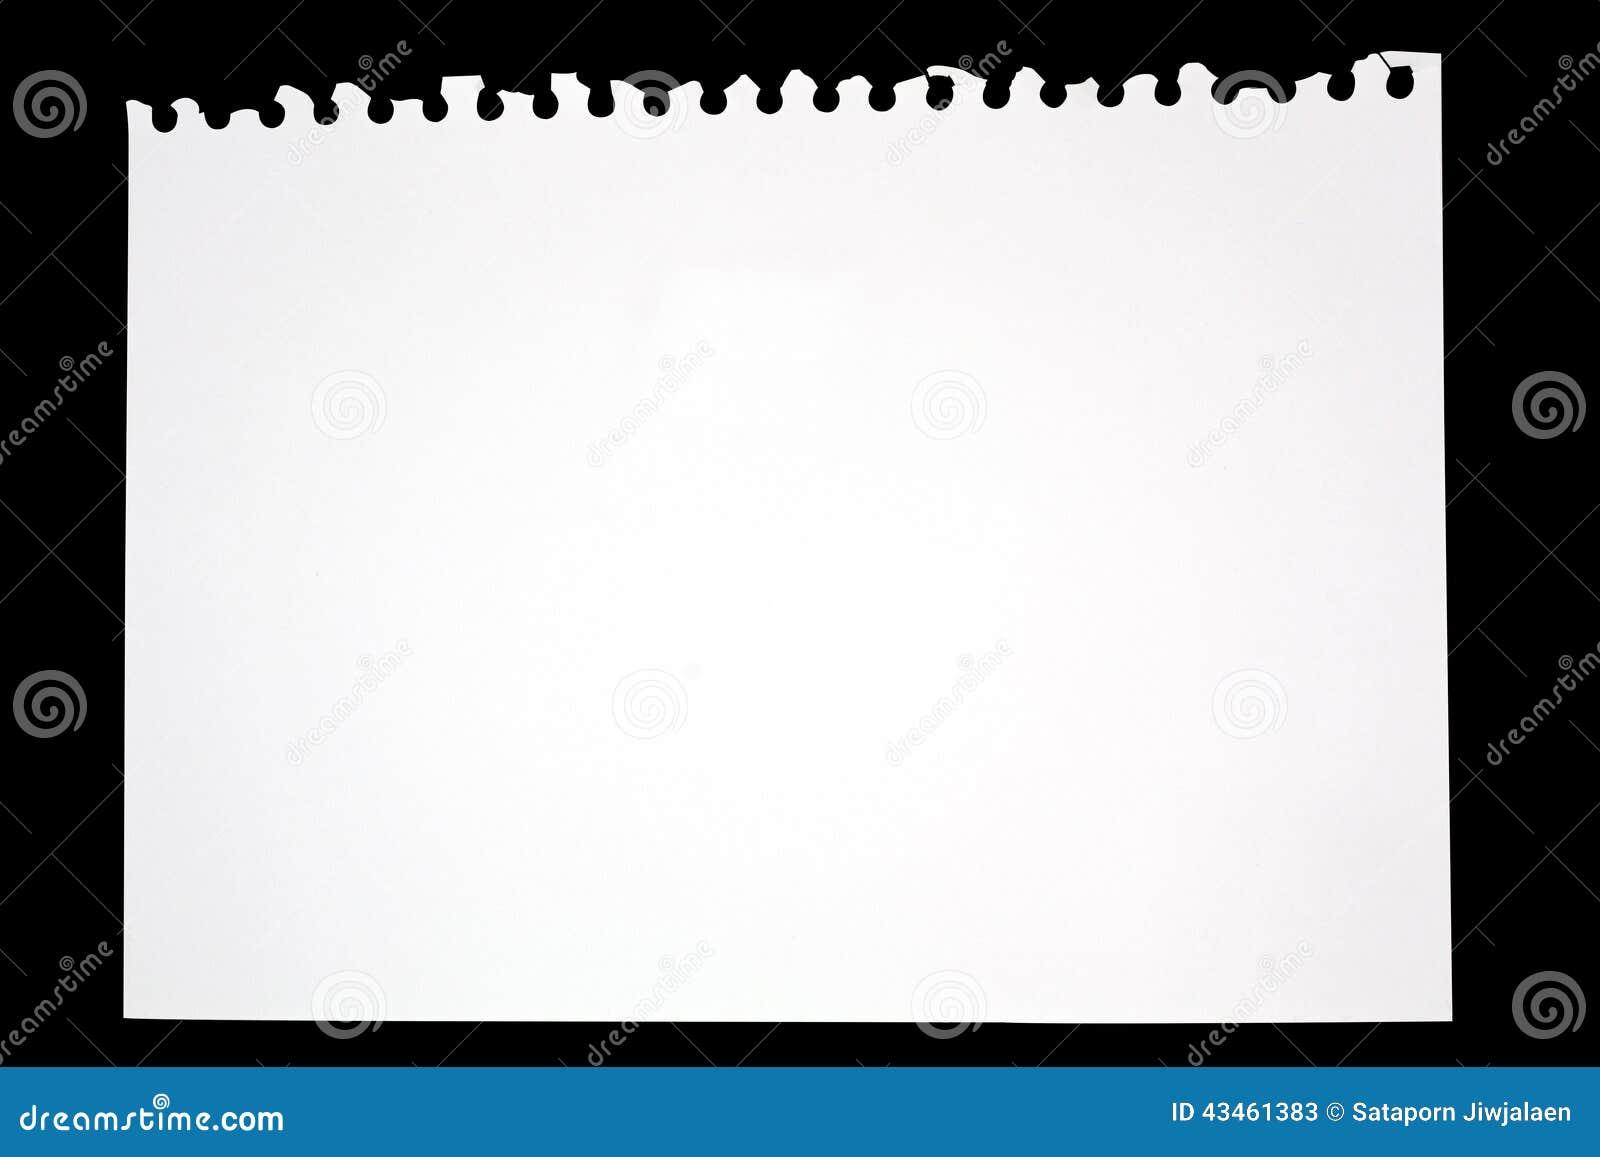 Libreta De Hojas Blancas De Dibujo Jpg By Gianferdinand: Hoja De Papel Rasgada Del Cuaderno De Dibujo Foto De